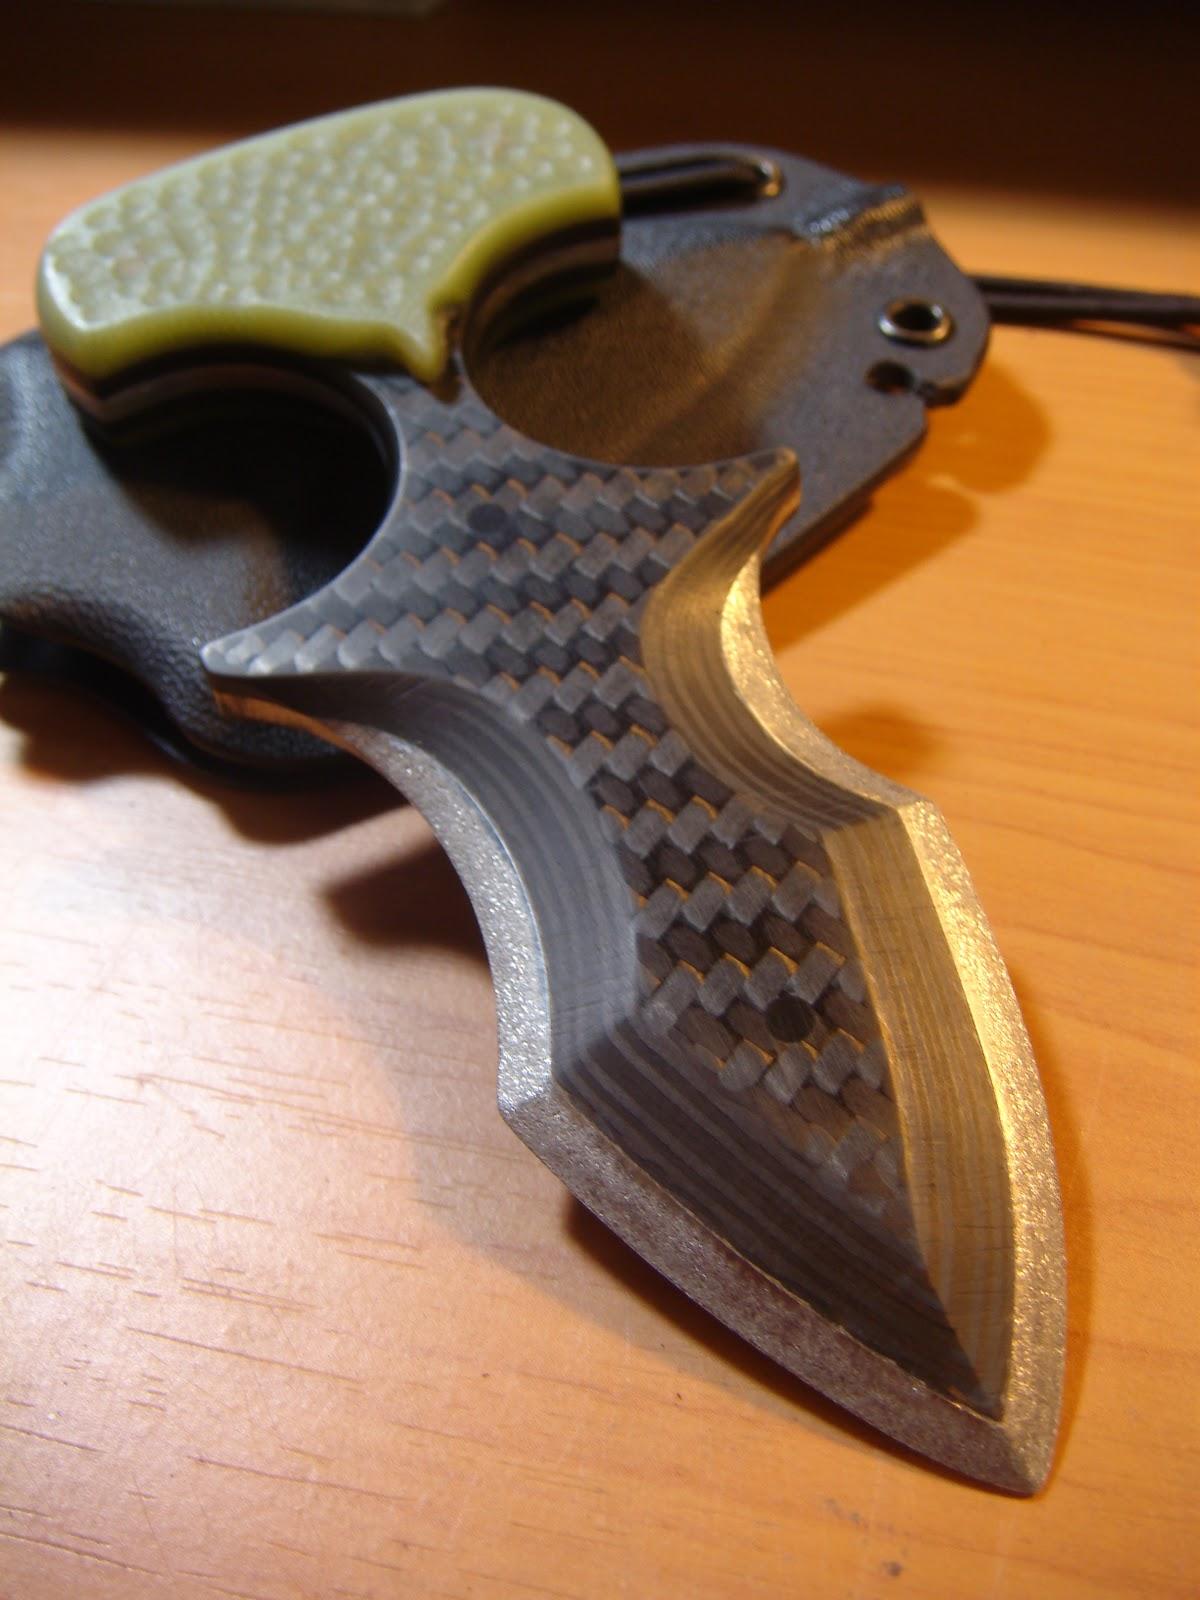 Latest knife design - The Aggressor | Special Cirstances